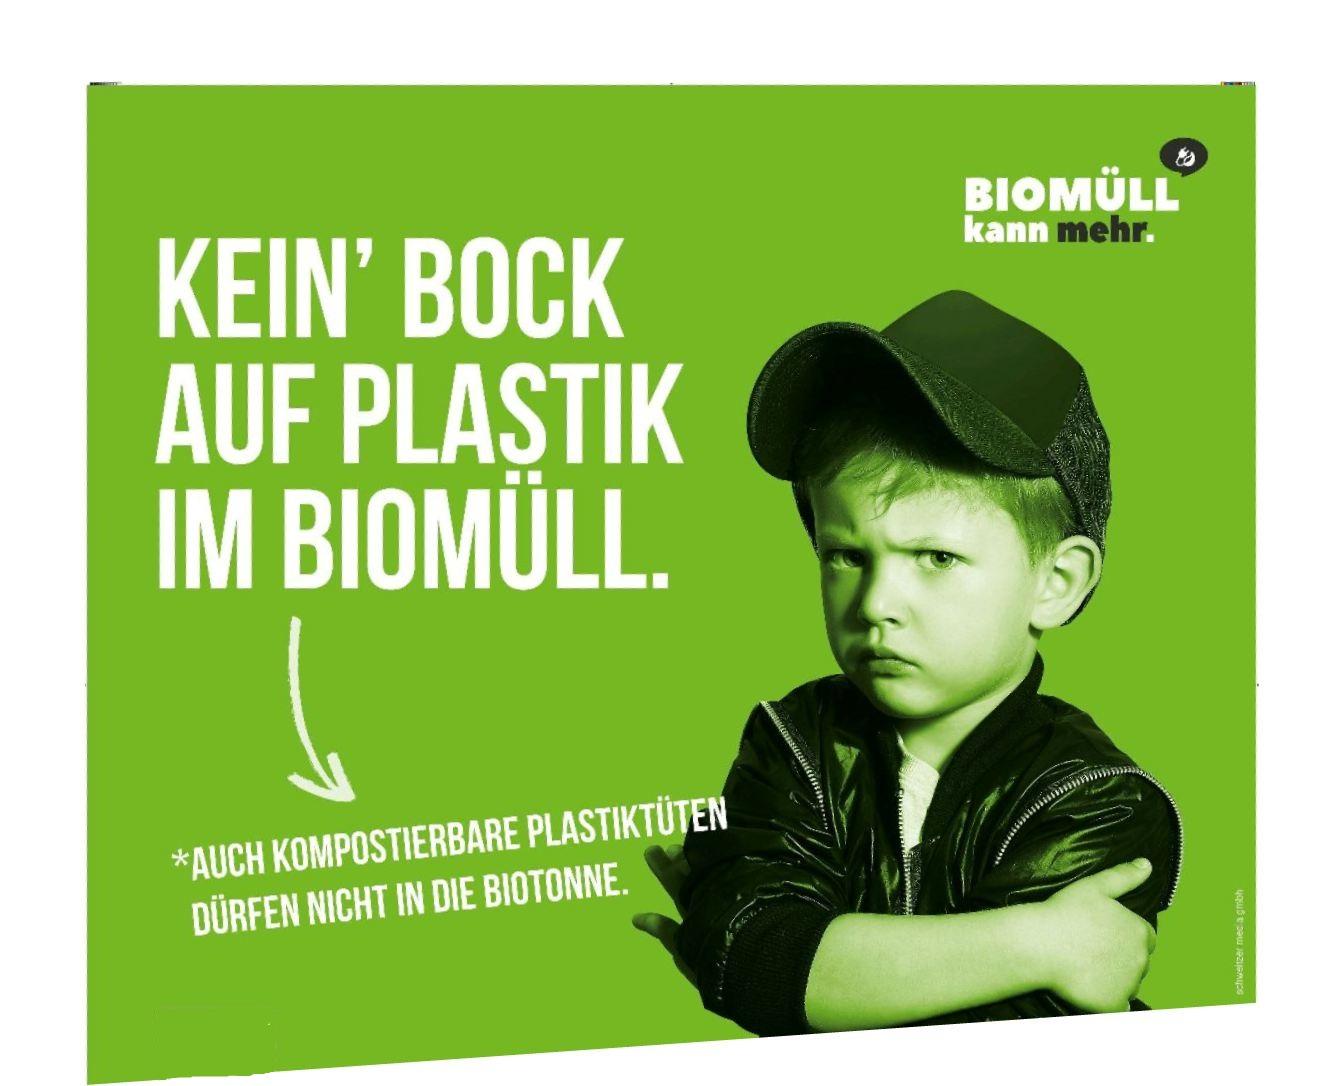 plastik in der biotonne verursacht erhebliche kosten betrieb abfallwirtschaft nienburg weser. Black Bedroom Furniture Sets. Home Design Ideas